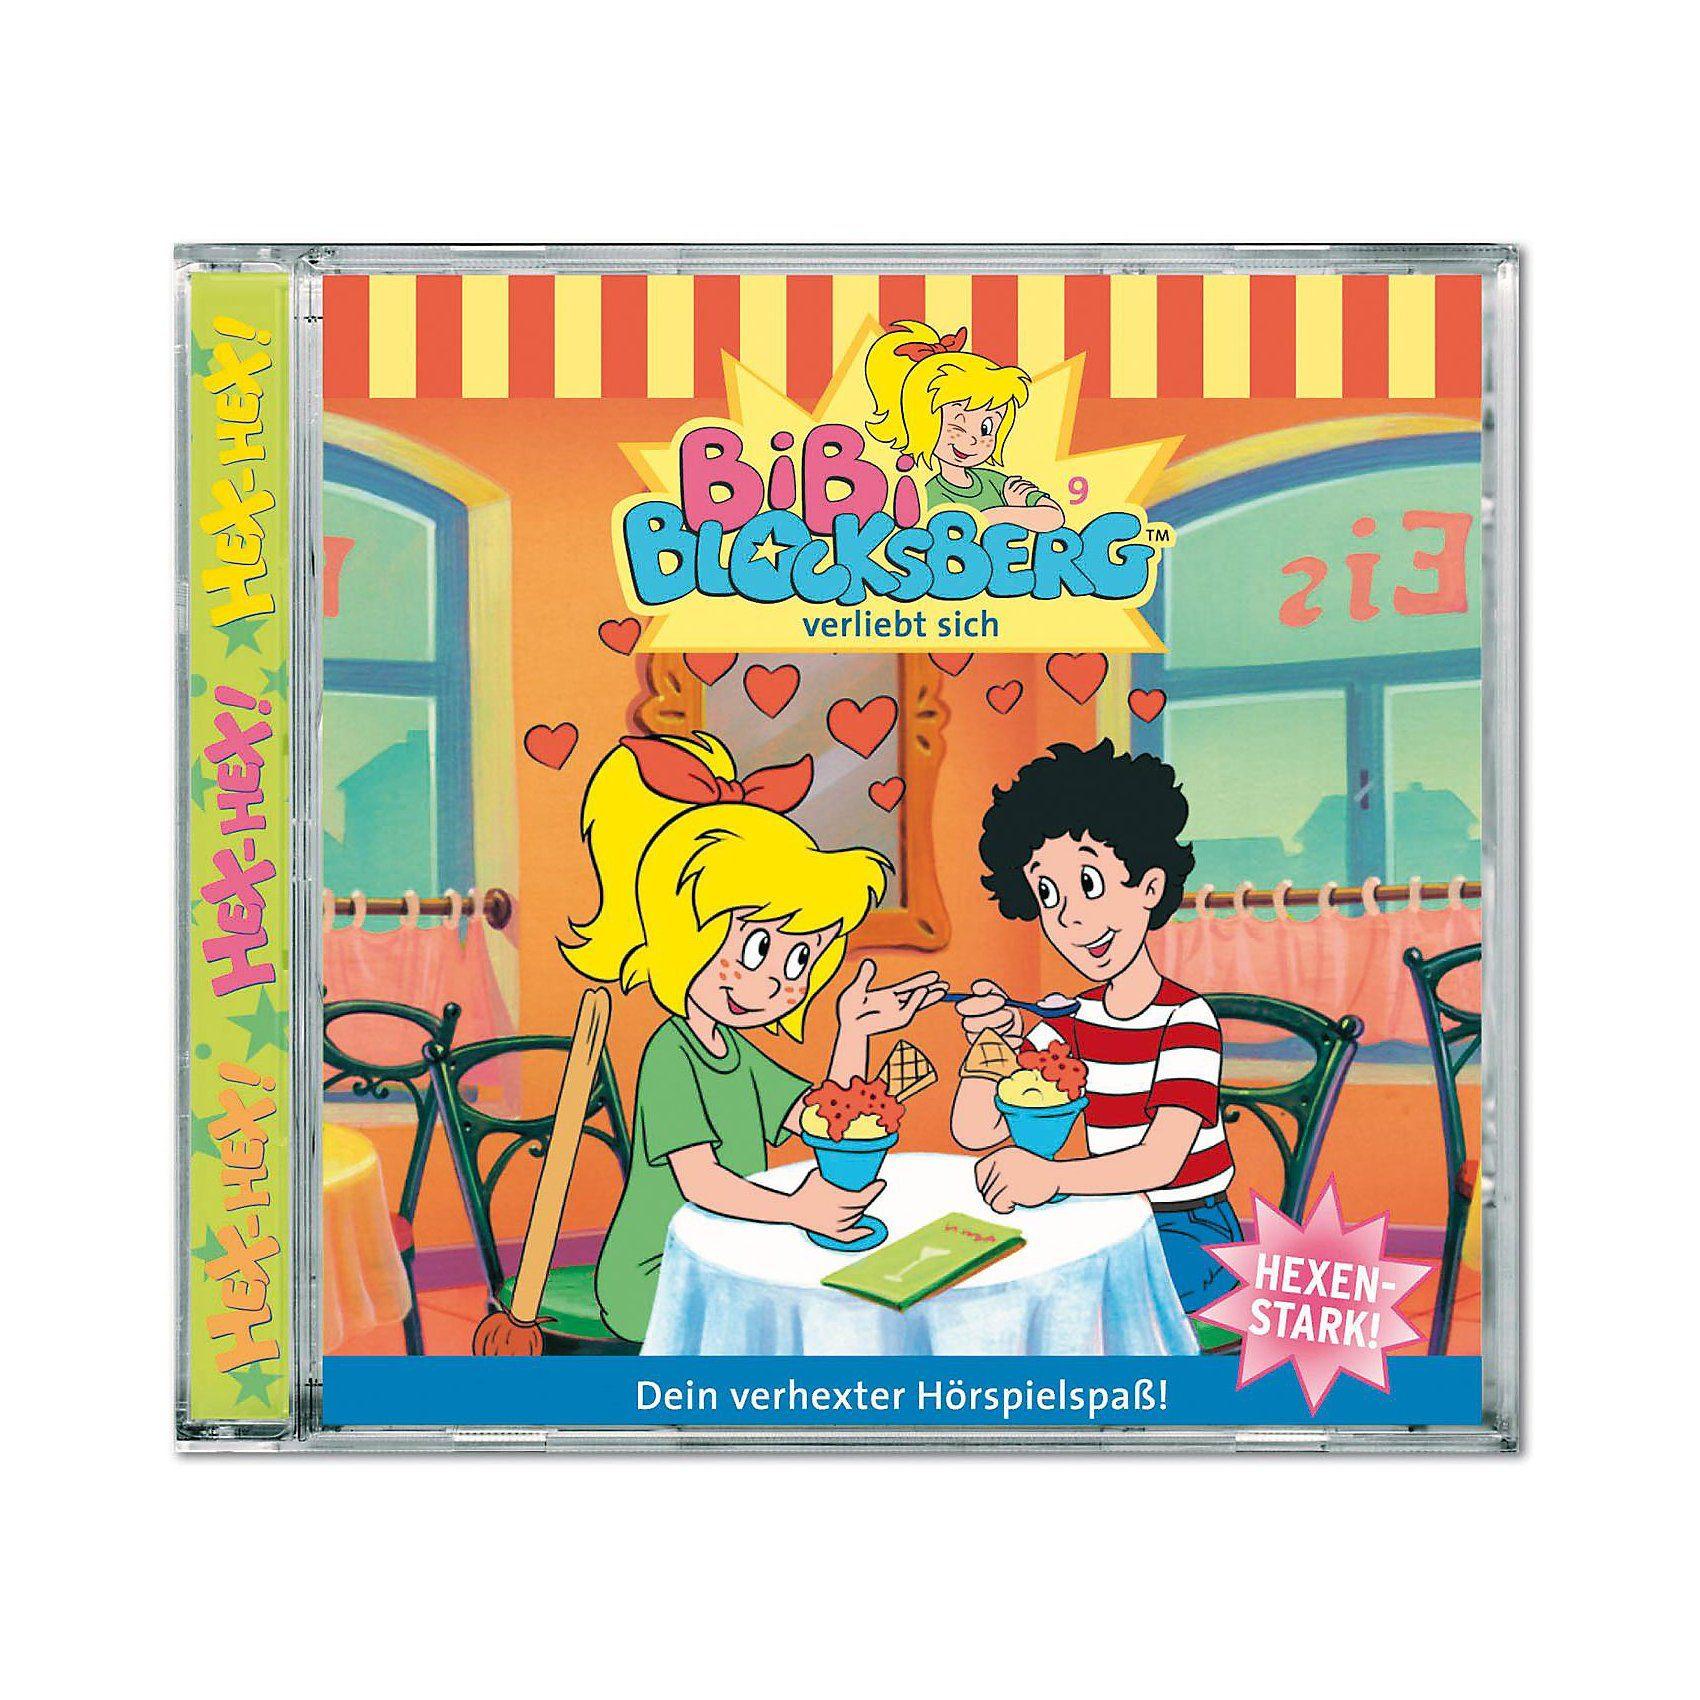 Kiddinx CD Bibi Blocksberg 09: Verliebt sich